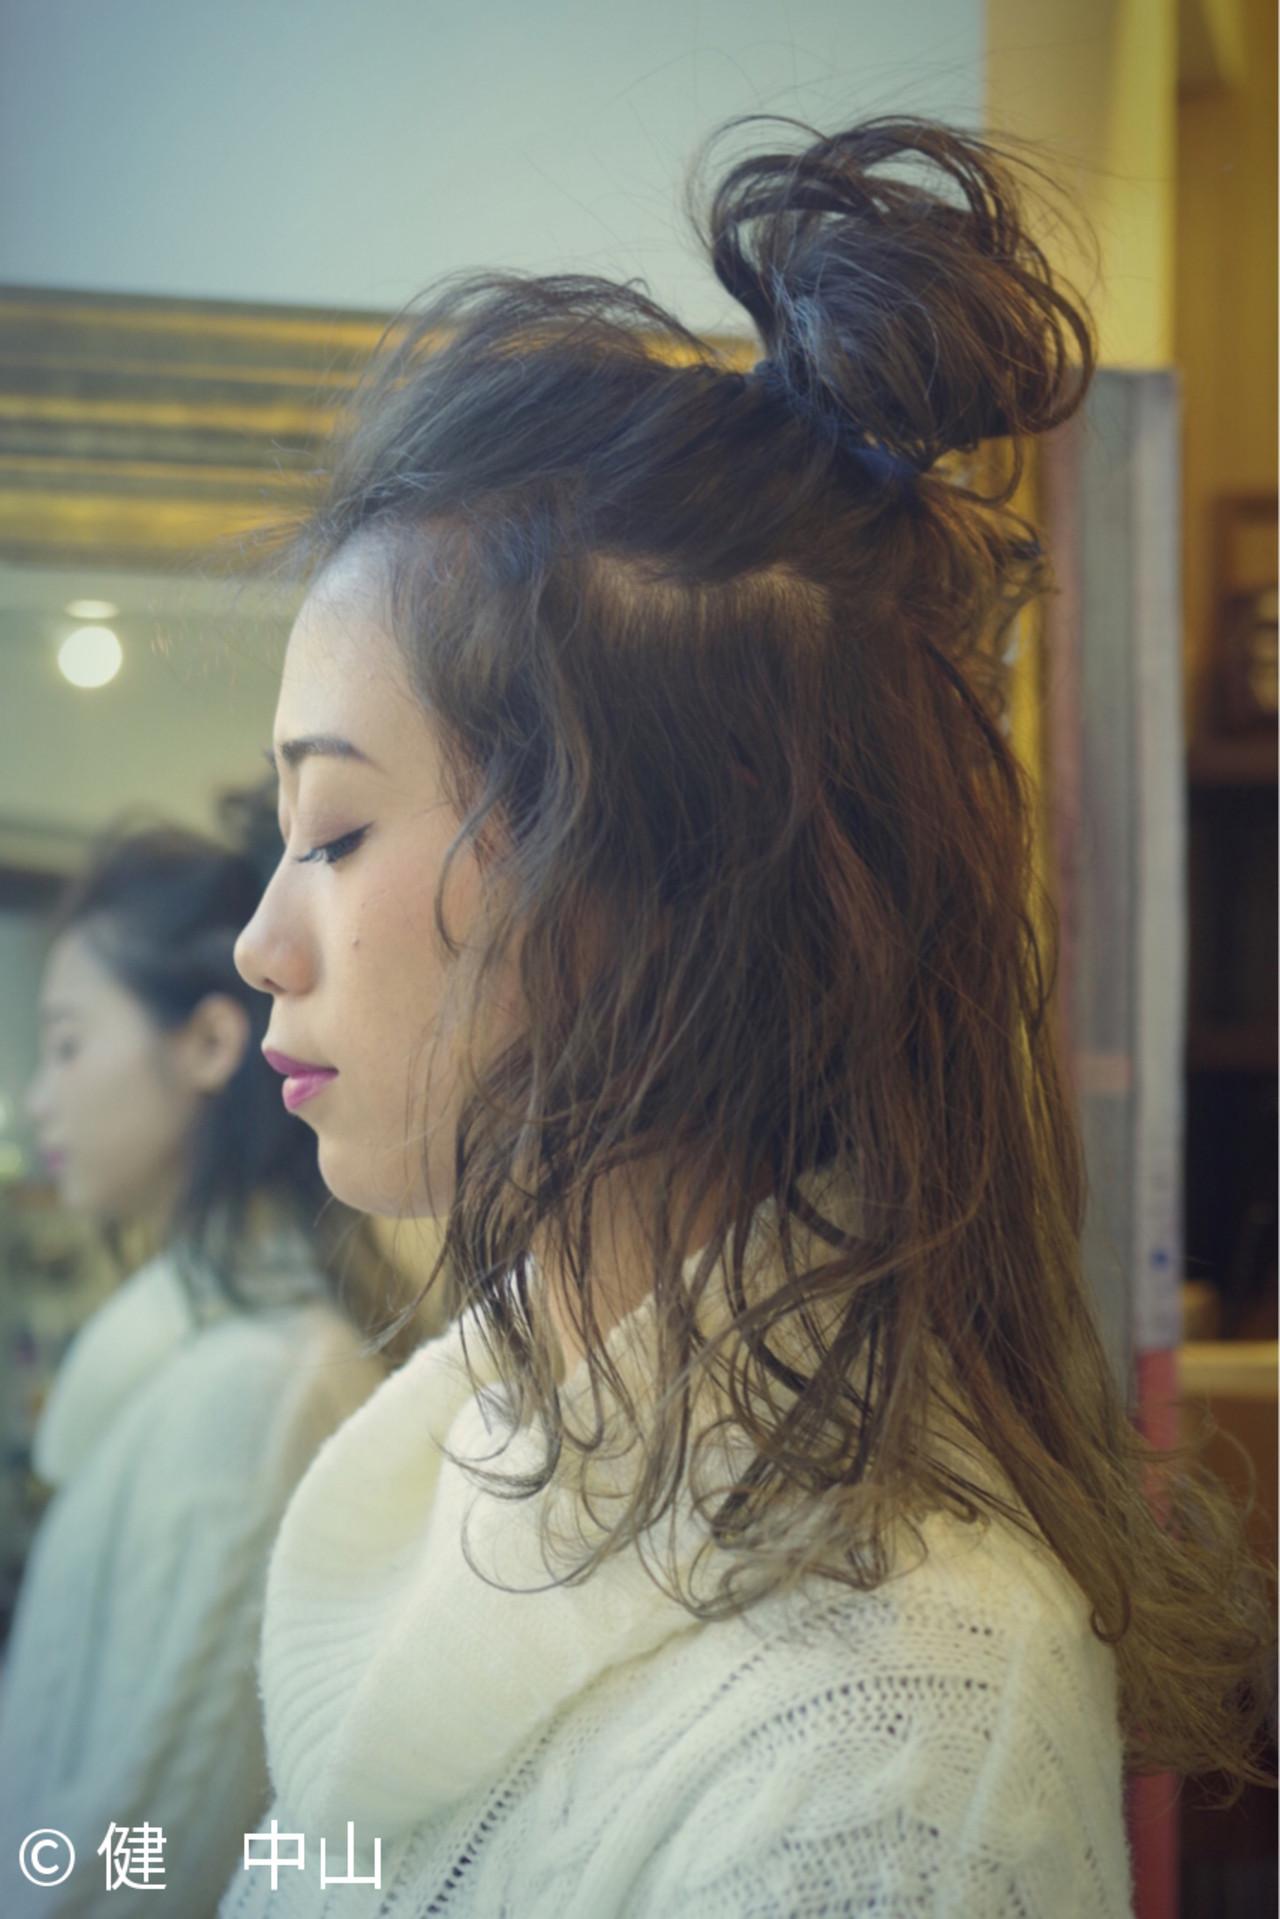 ヘアアレンジ 外国人風 大人かわいい グラデーションカラー ヘアスタイルや髪型の写真・画像